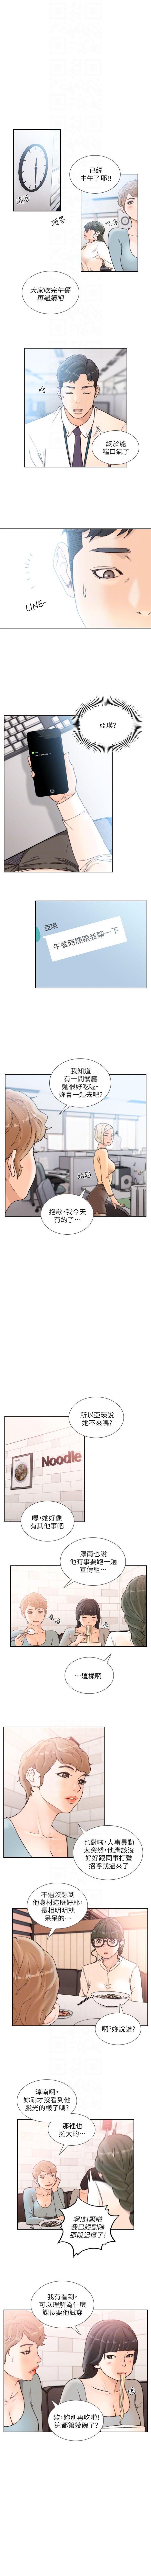 前女友 1-48 中文翻译(更新中) 150